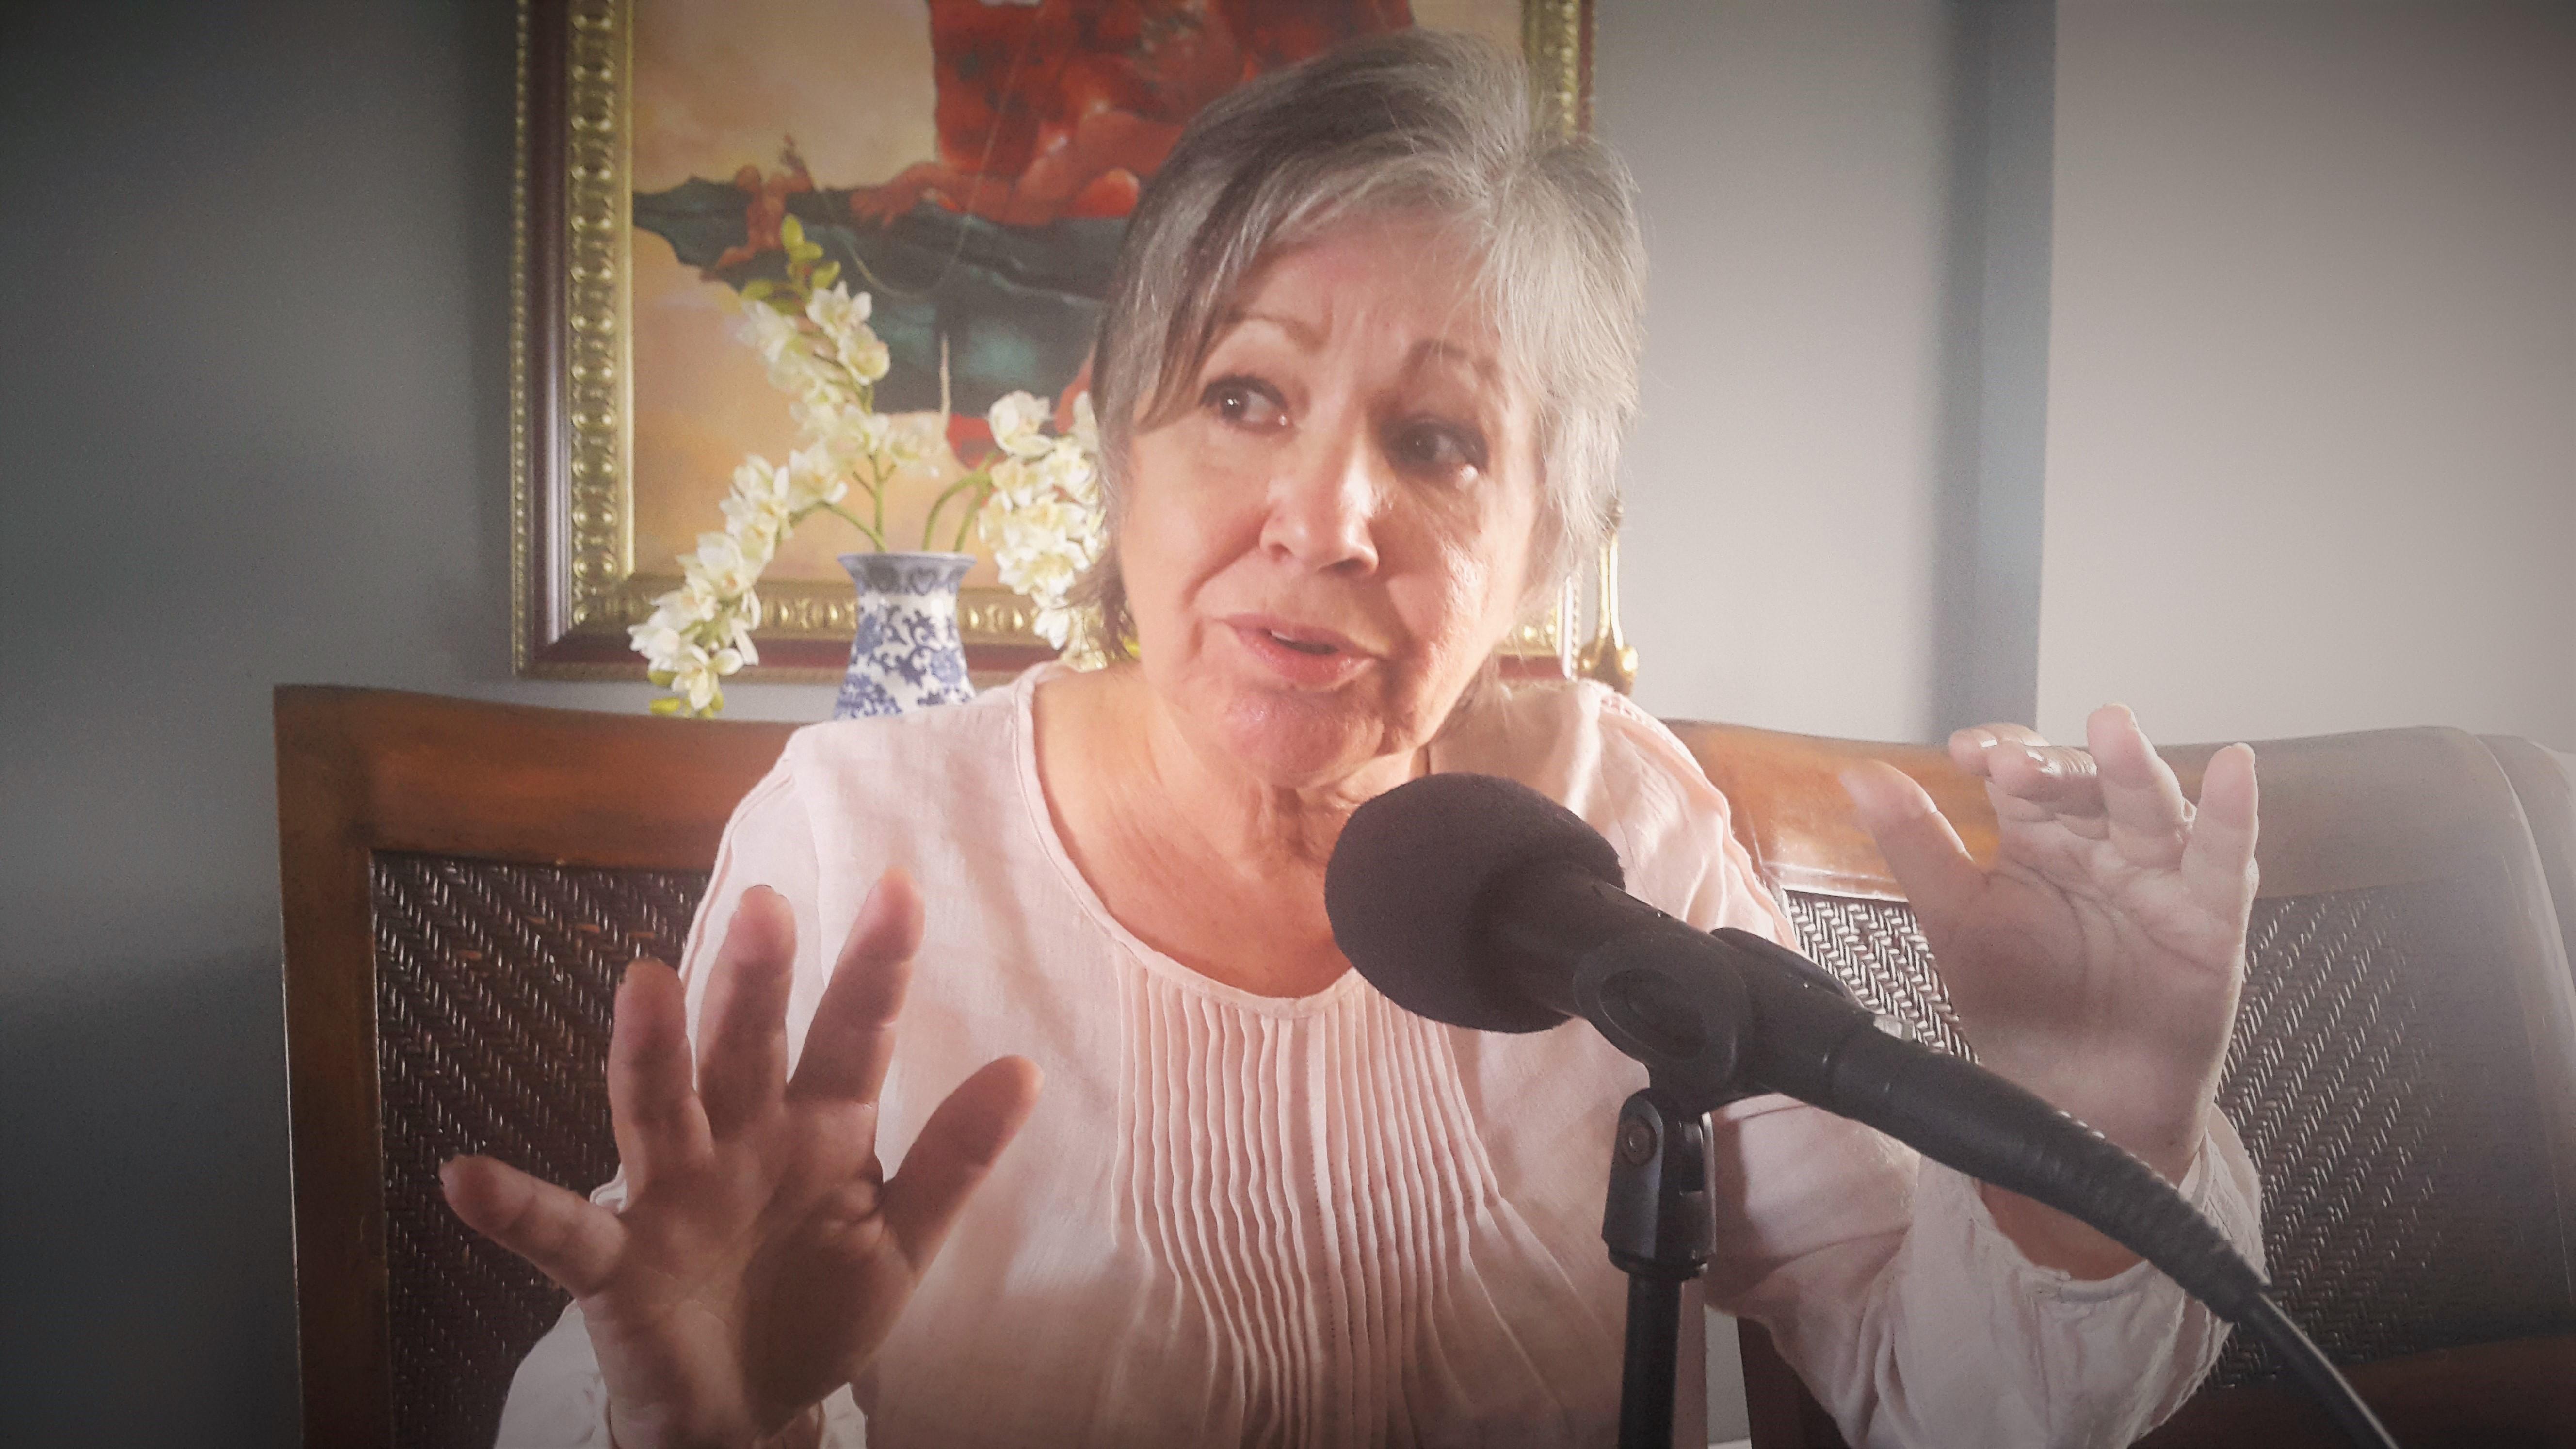 Gobiernos y medios de comunicación han convertido la información en mercancía, afirma Margarita Cordero